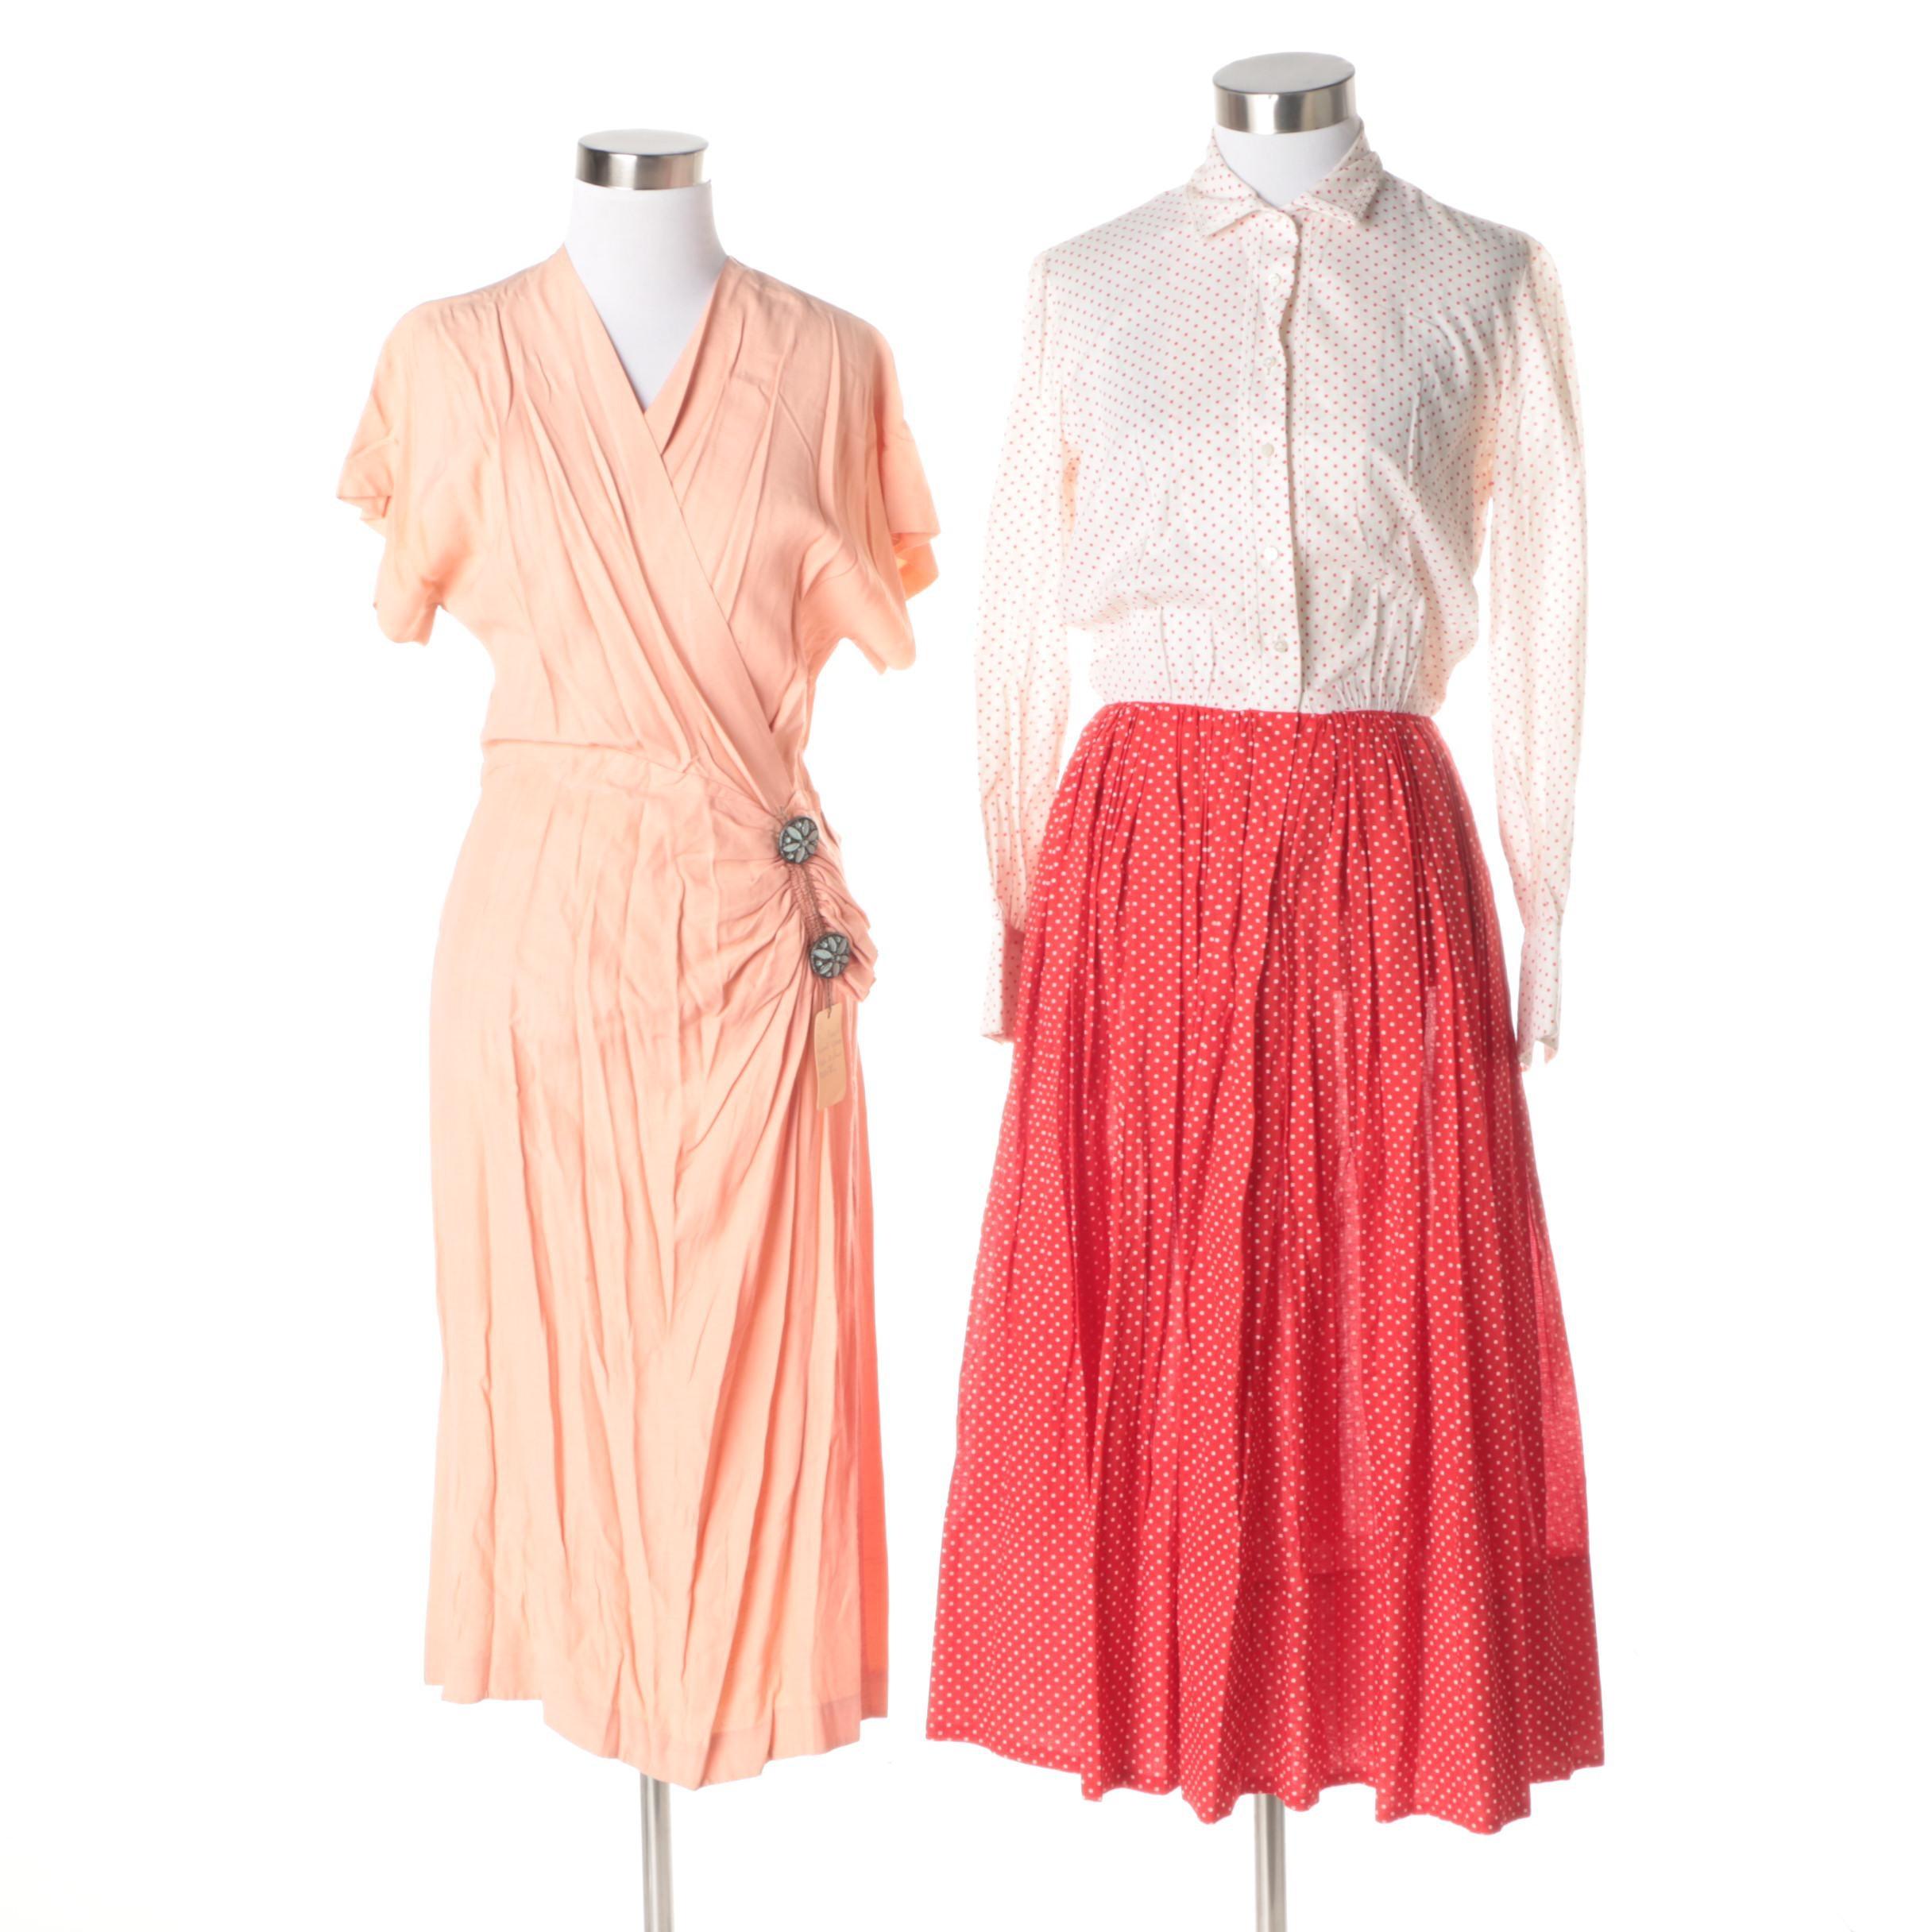 Vintage Midi-Length Dresses